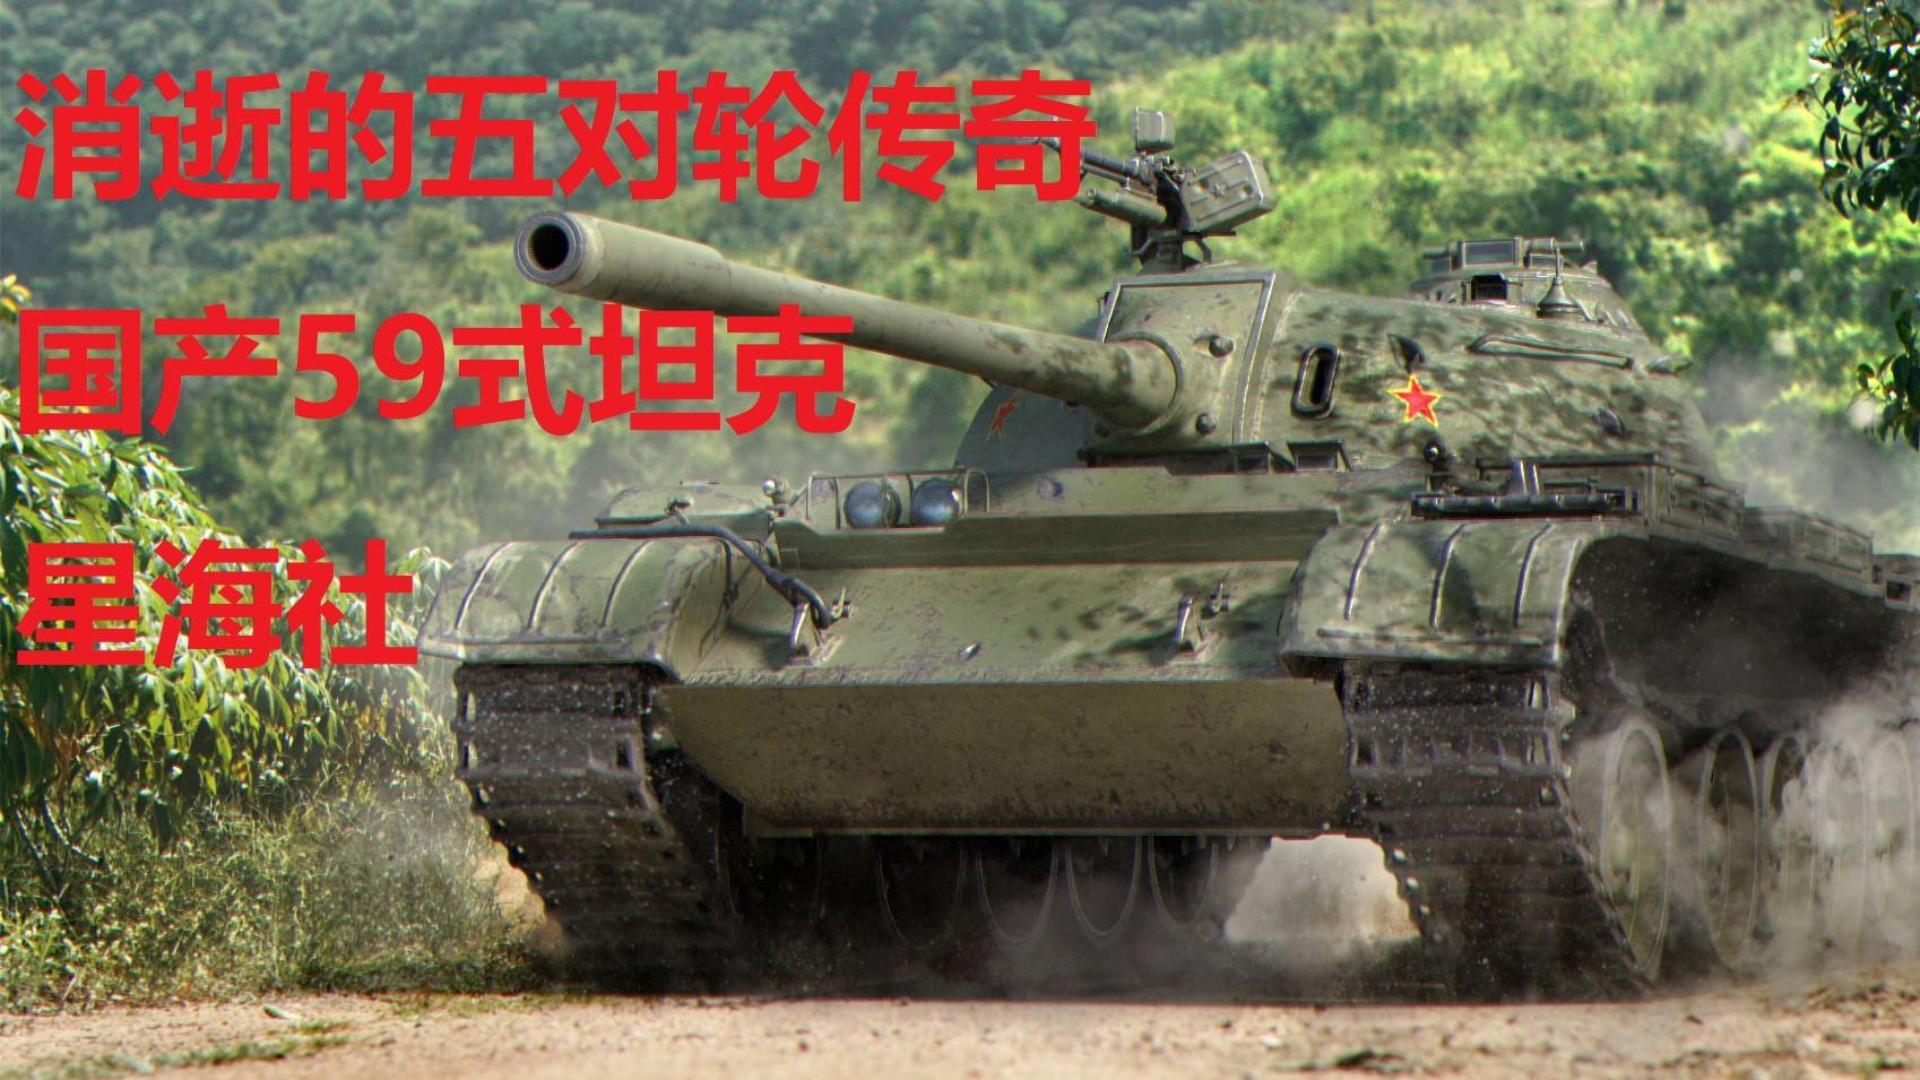 【星海社第205期】消逝的五对轮传奇:国产59式坦克